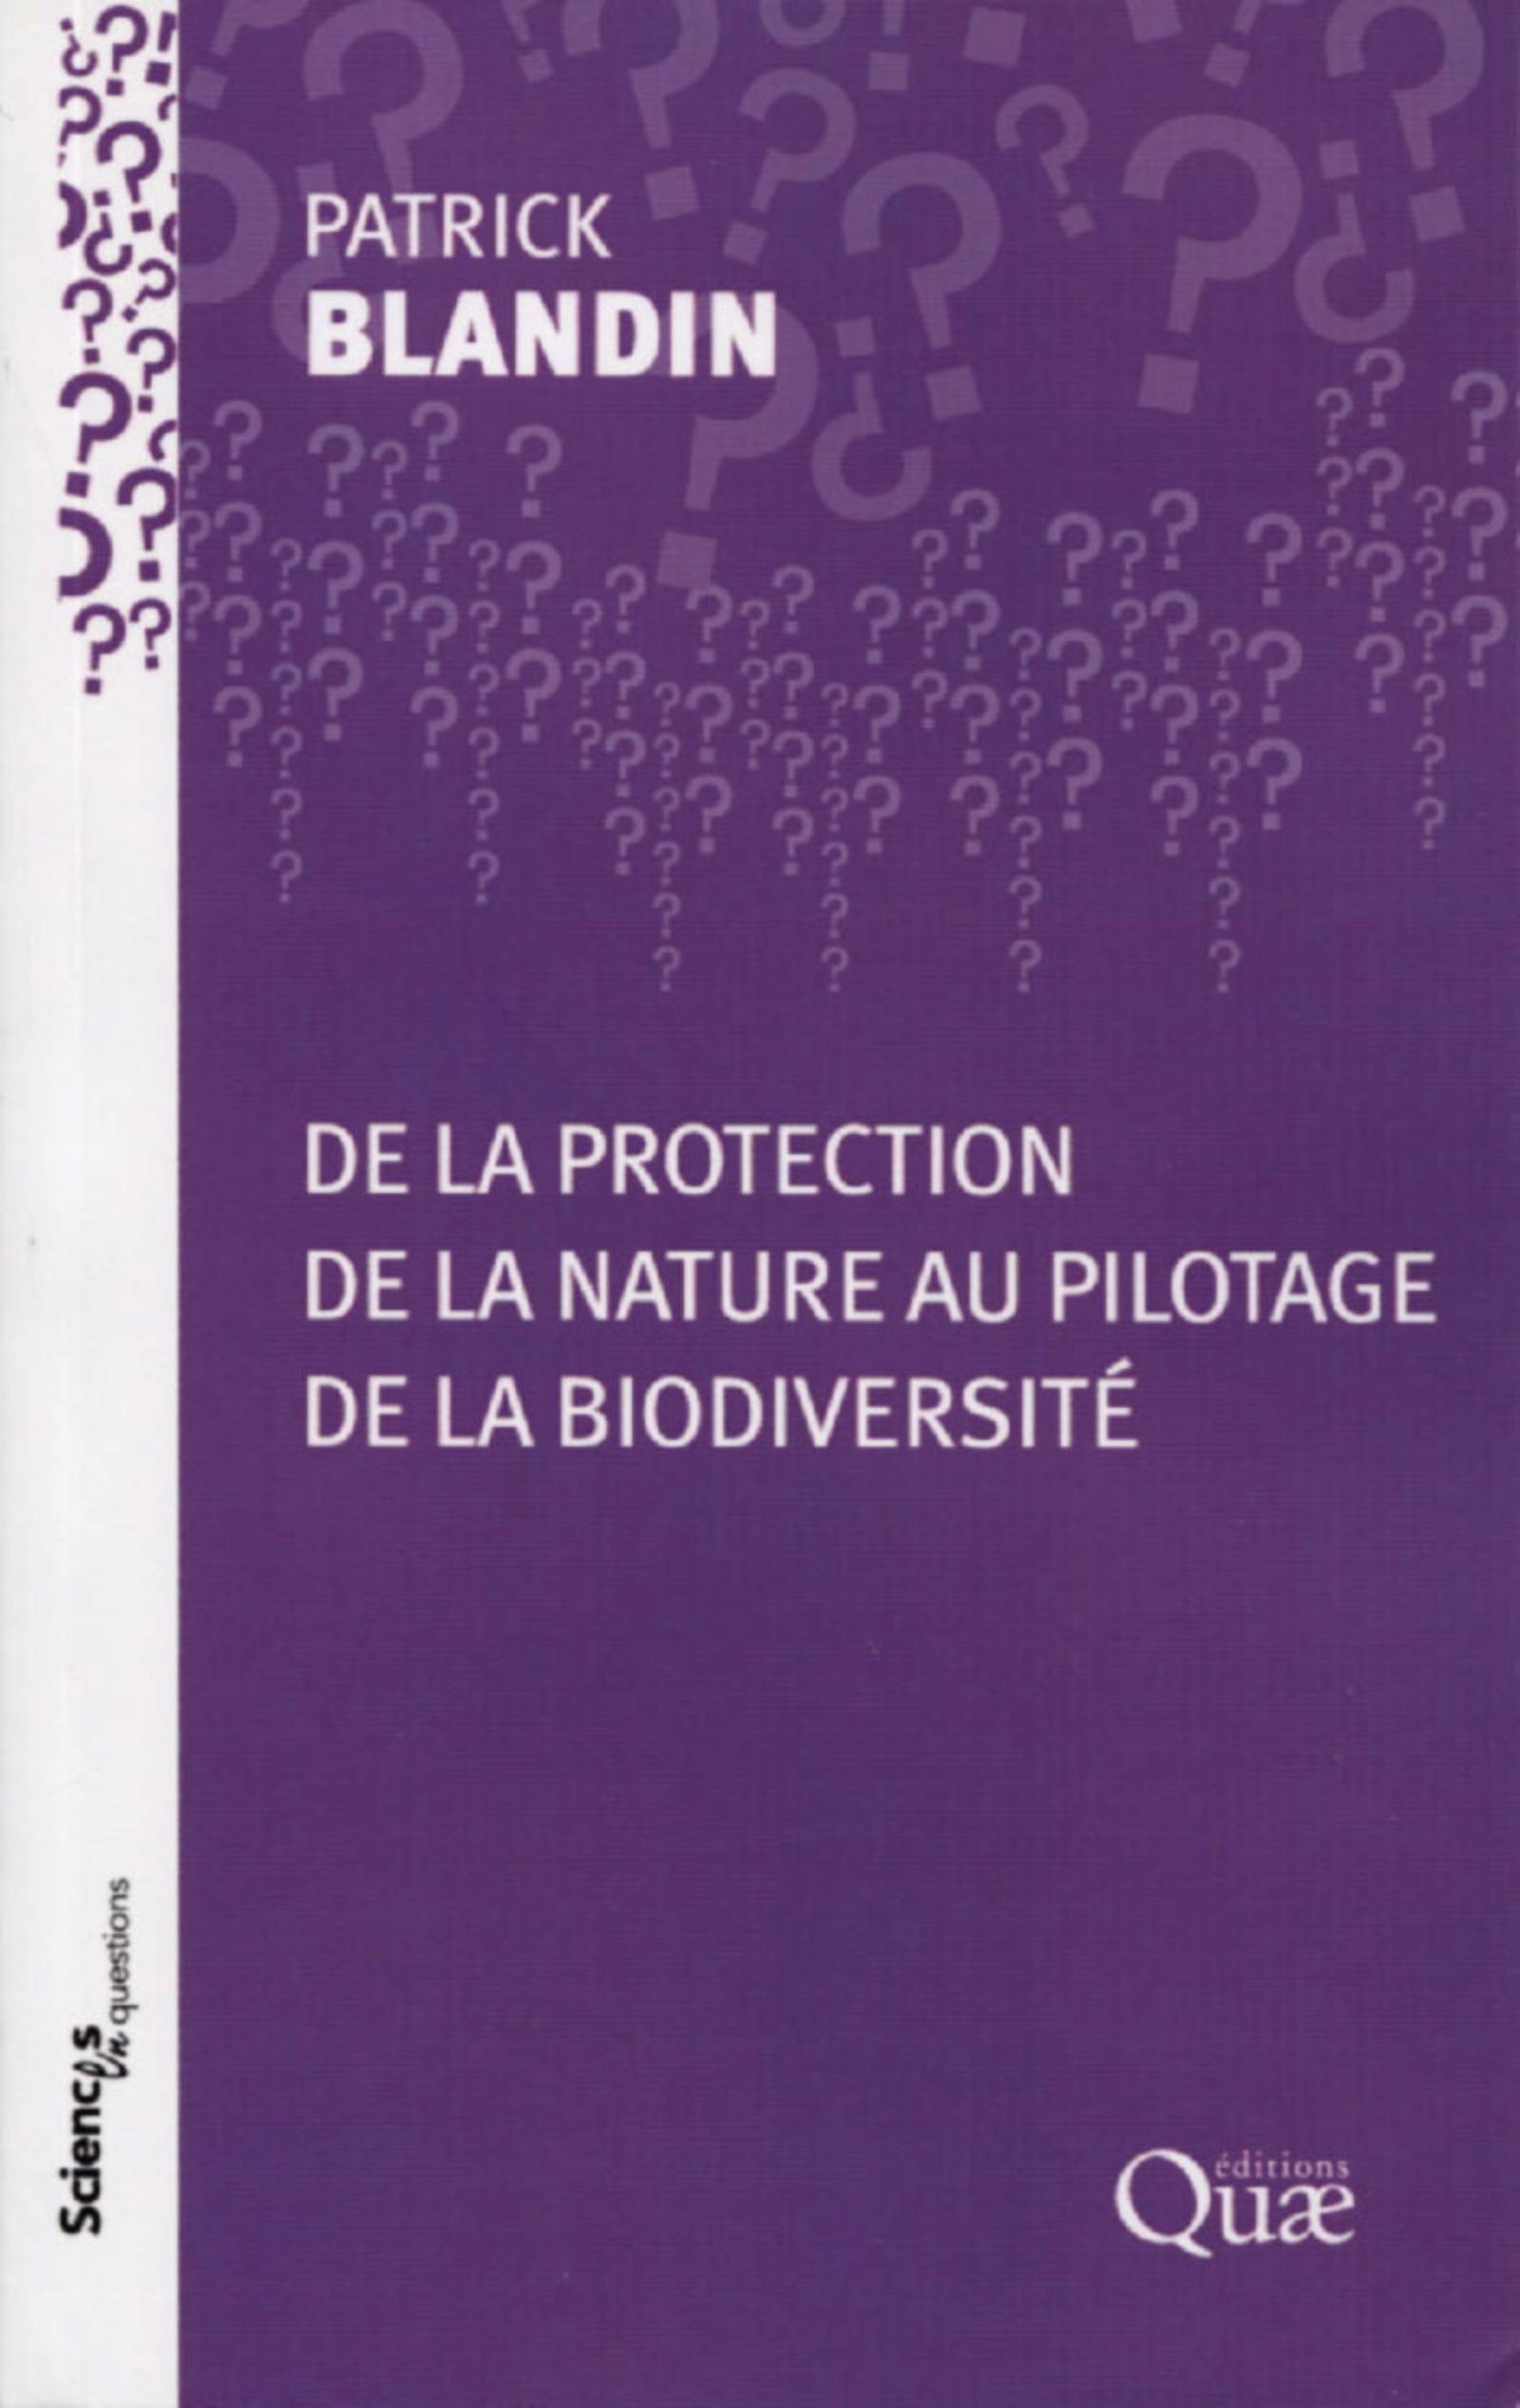 DE LA PROTECTION DE LA NATURE AU PILOTAGE DE LA BIODIVERSITE